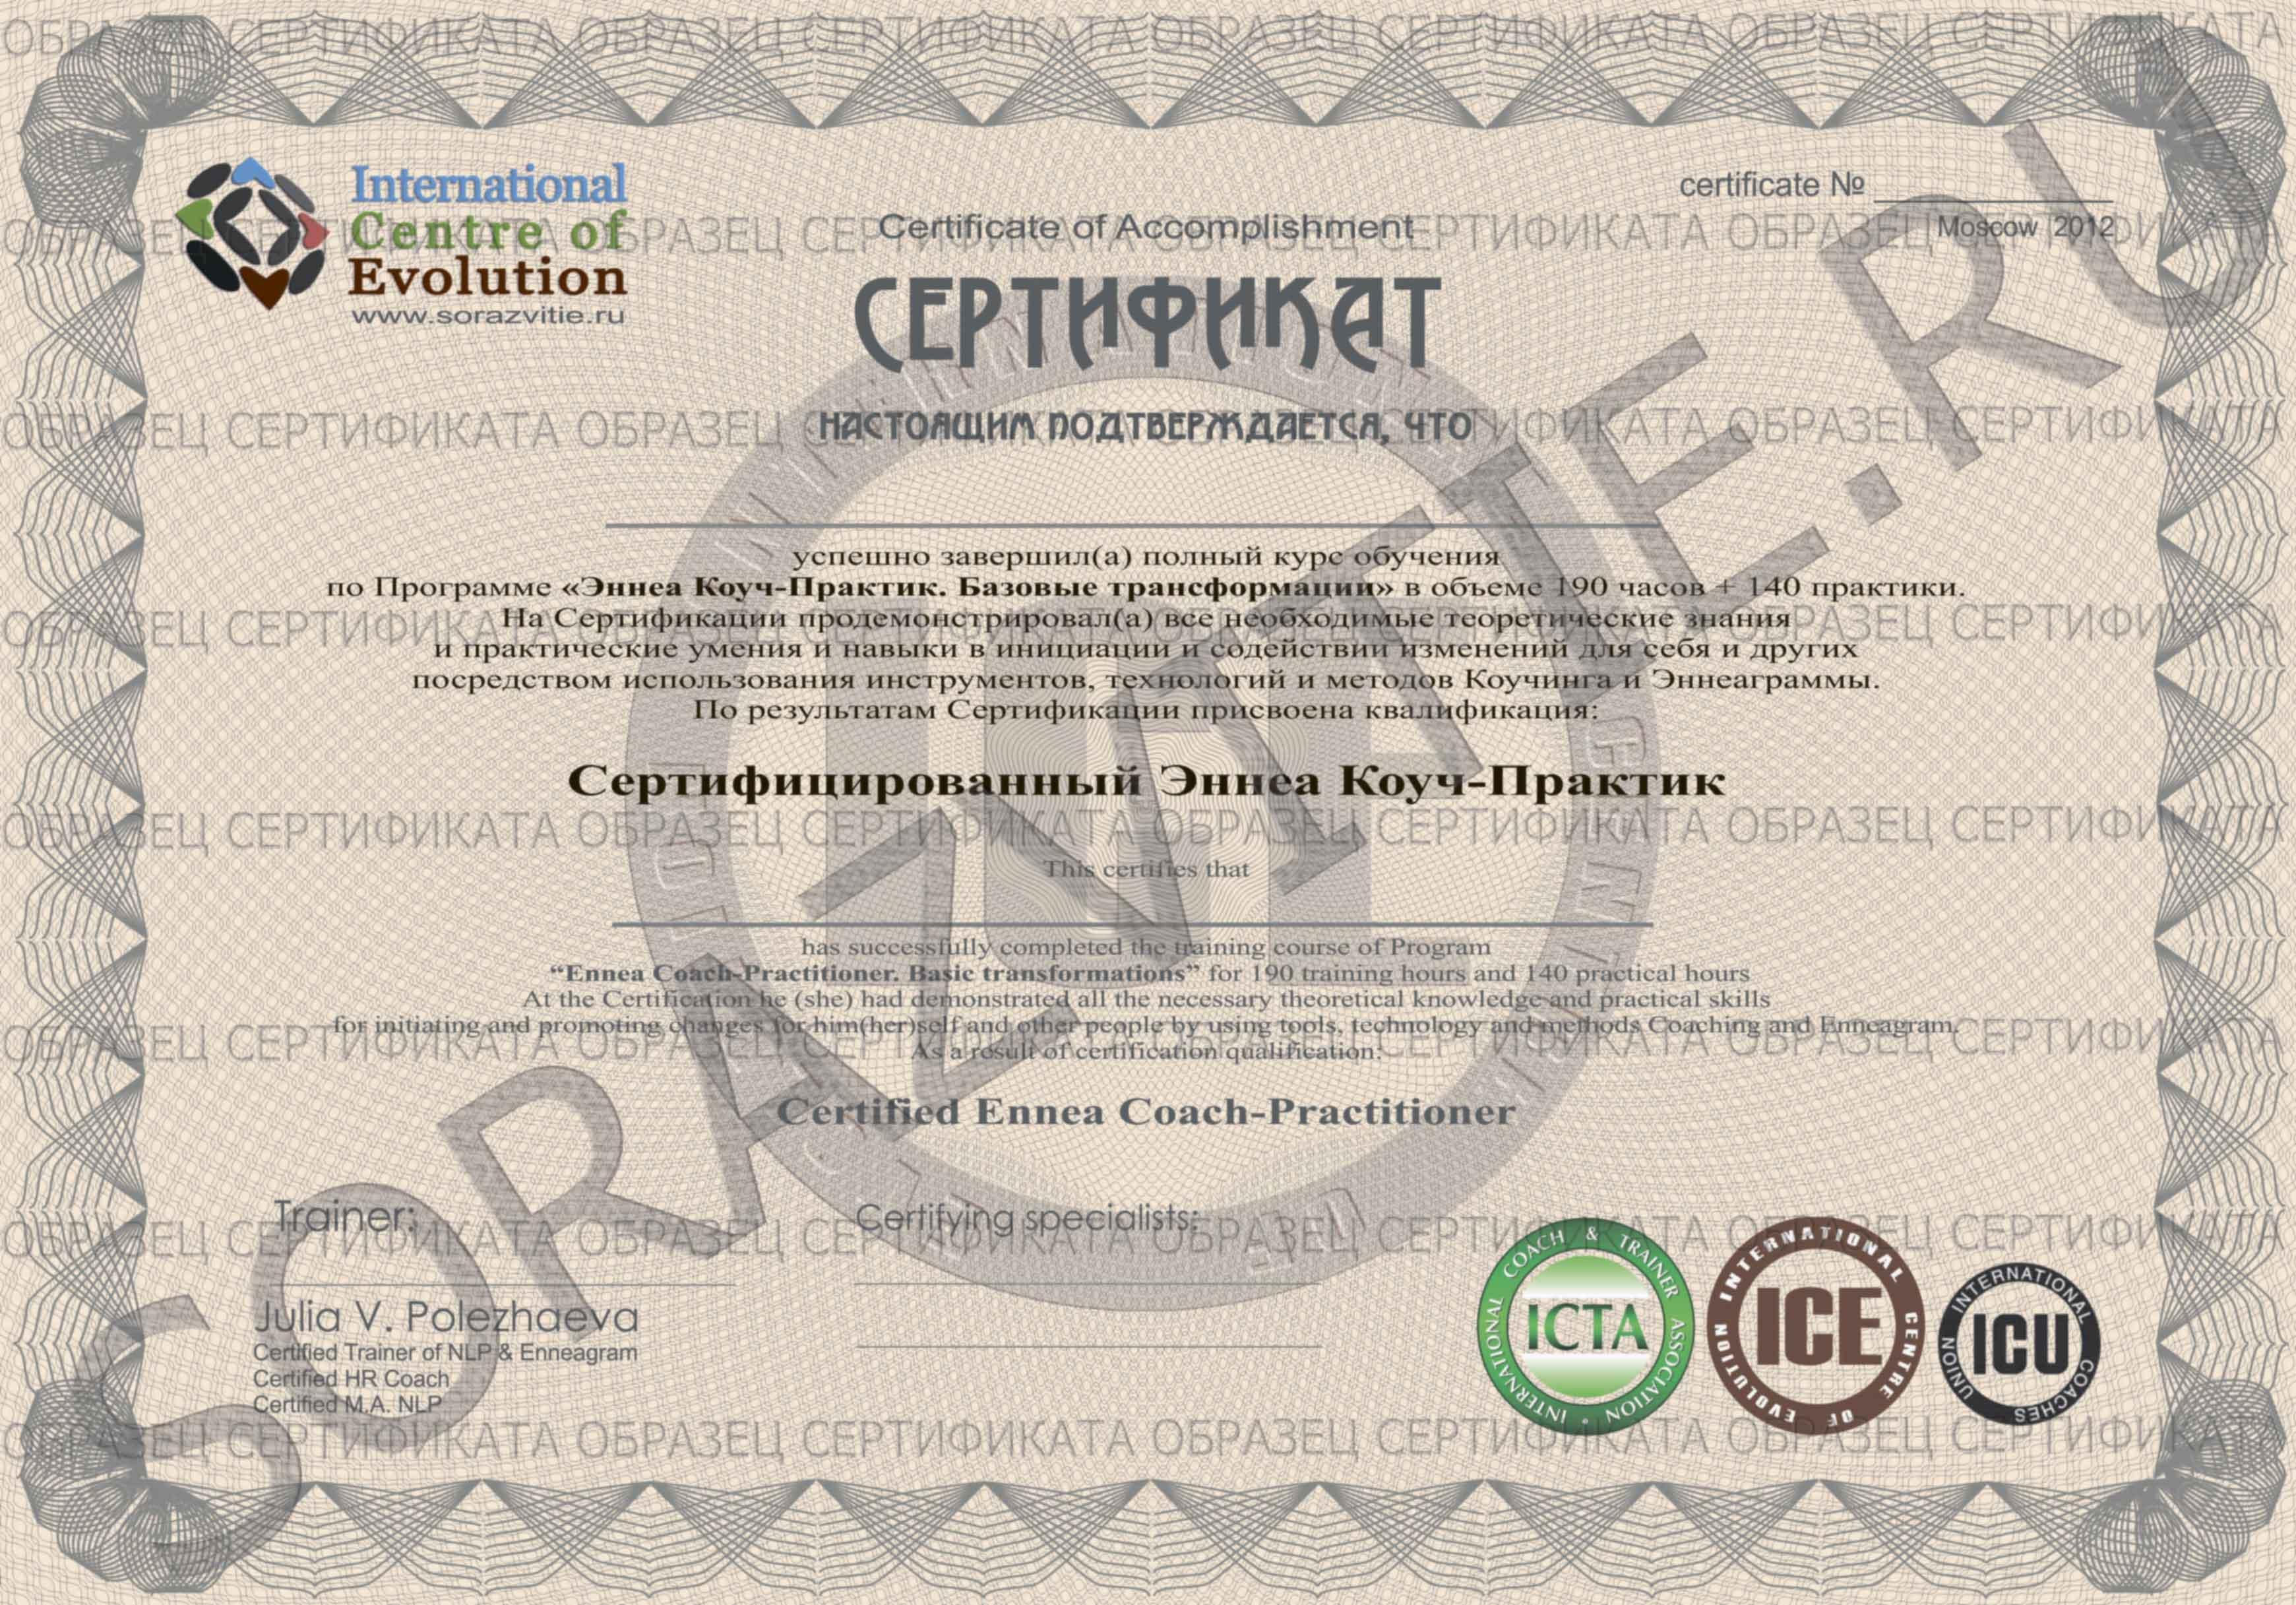 образец сертификат-бланк-эннеа-коуч-серт